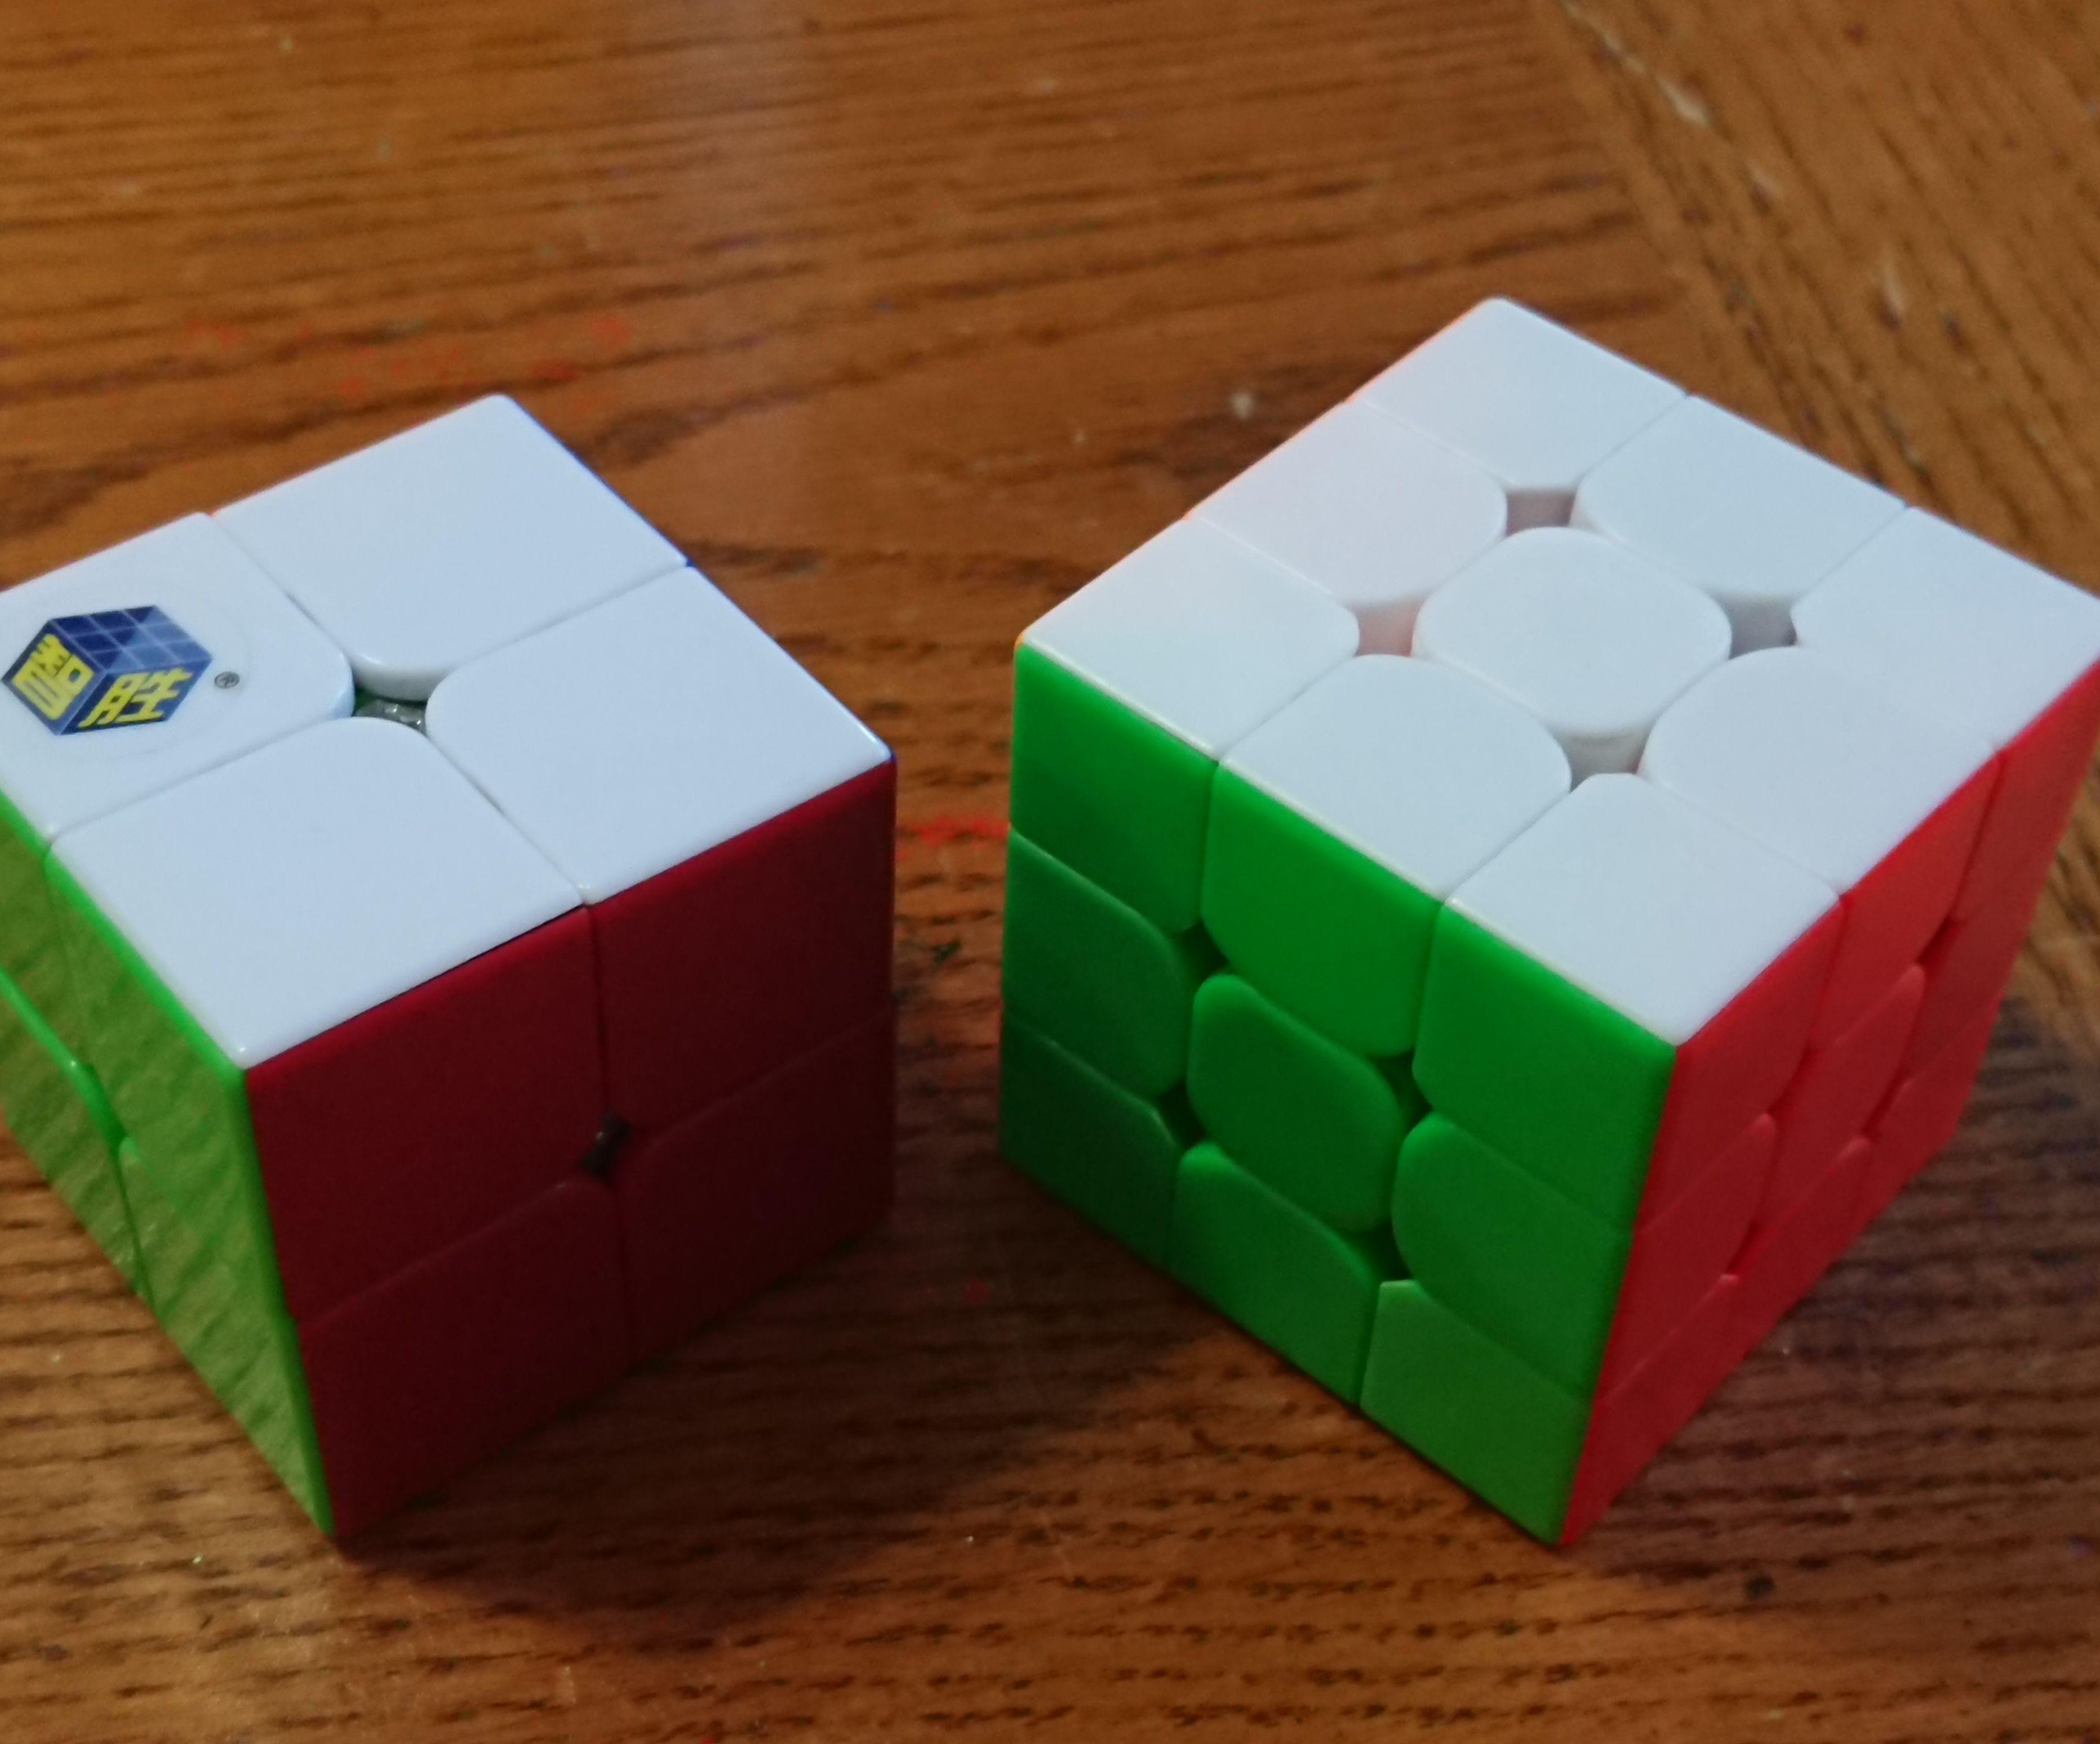 Good Bugdet Rubik's Cubes (A.K.A Speedcubes)